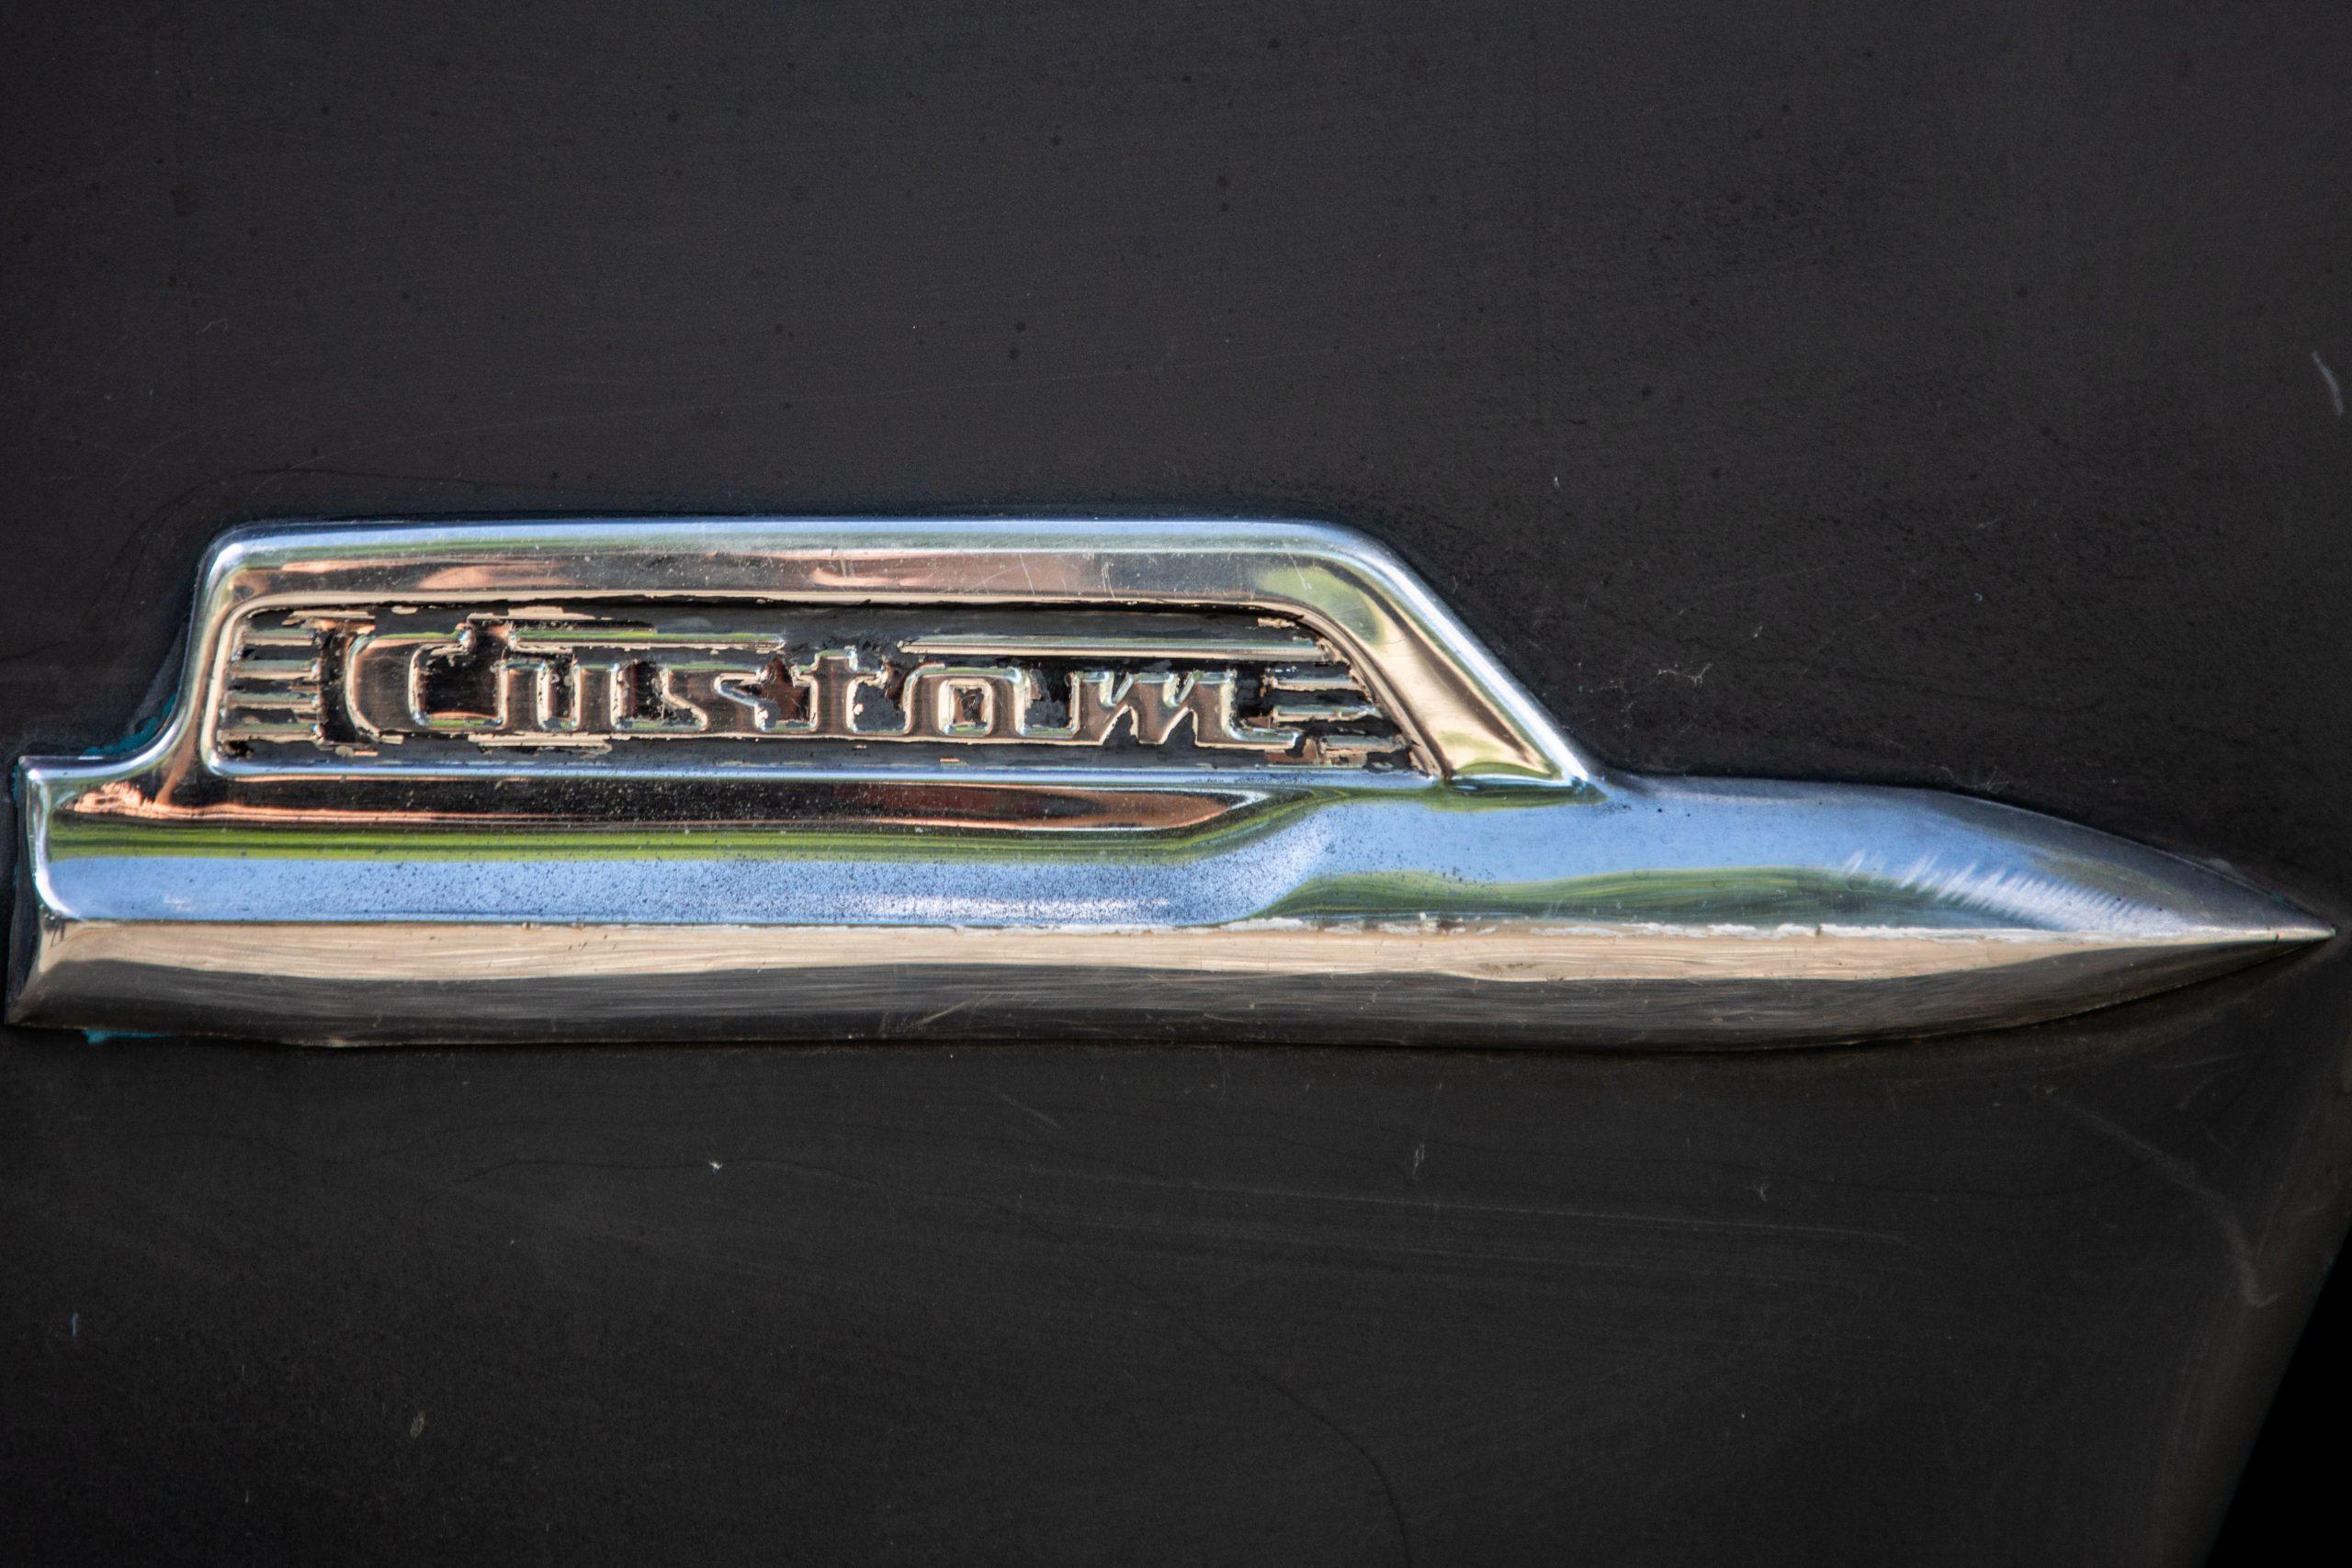 shoebox ford badging detail